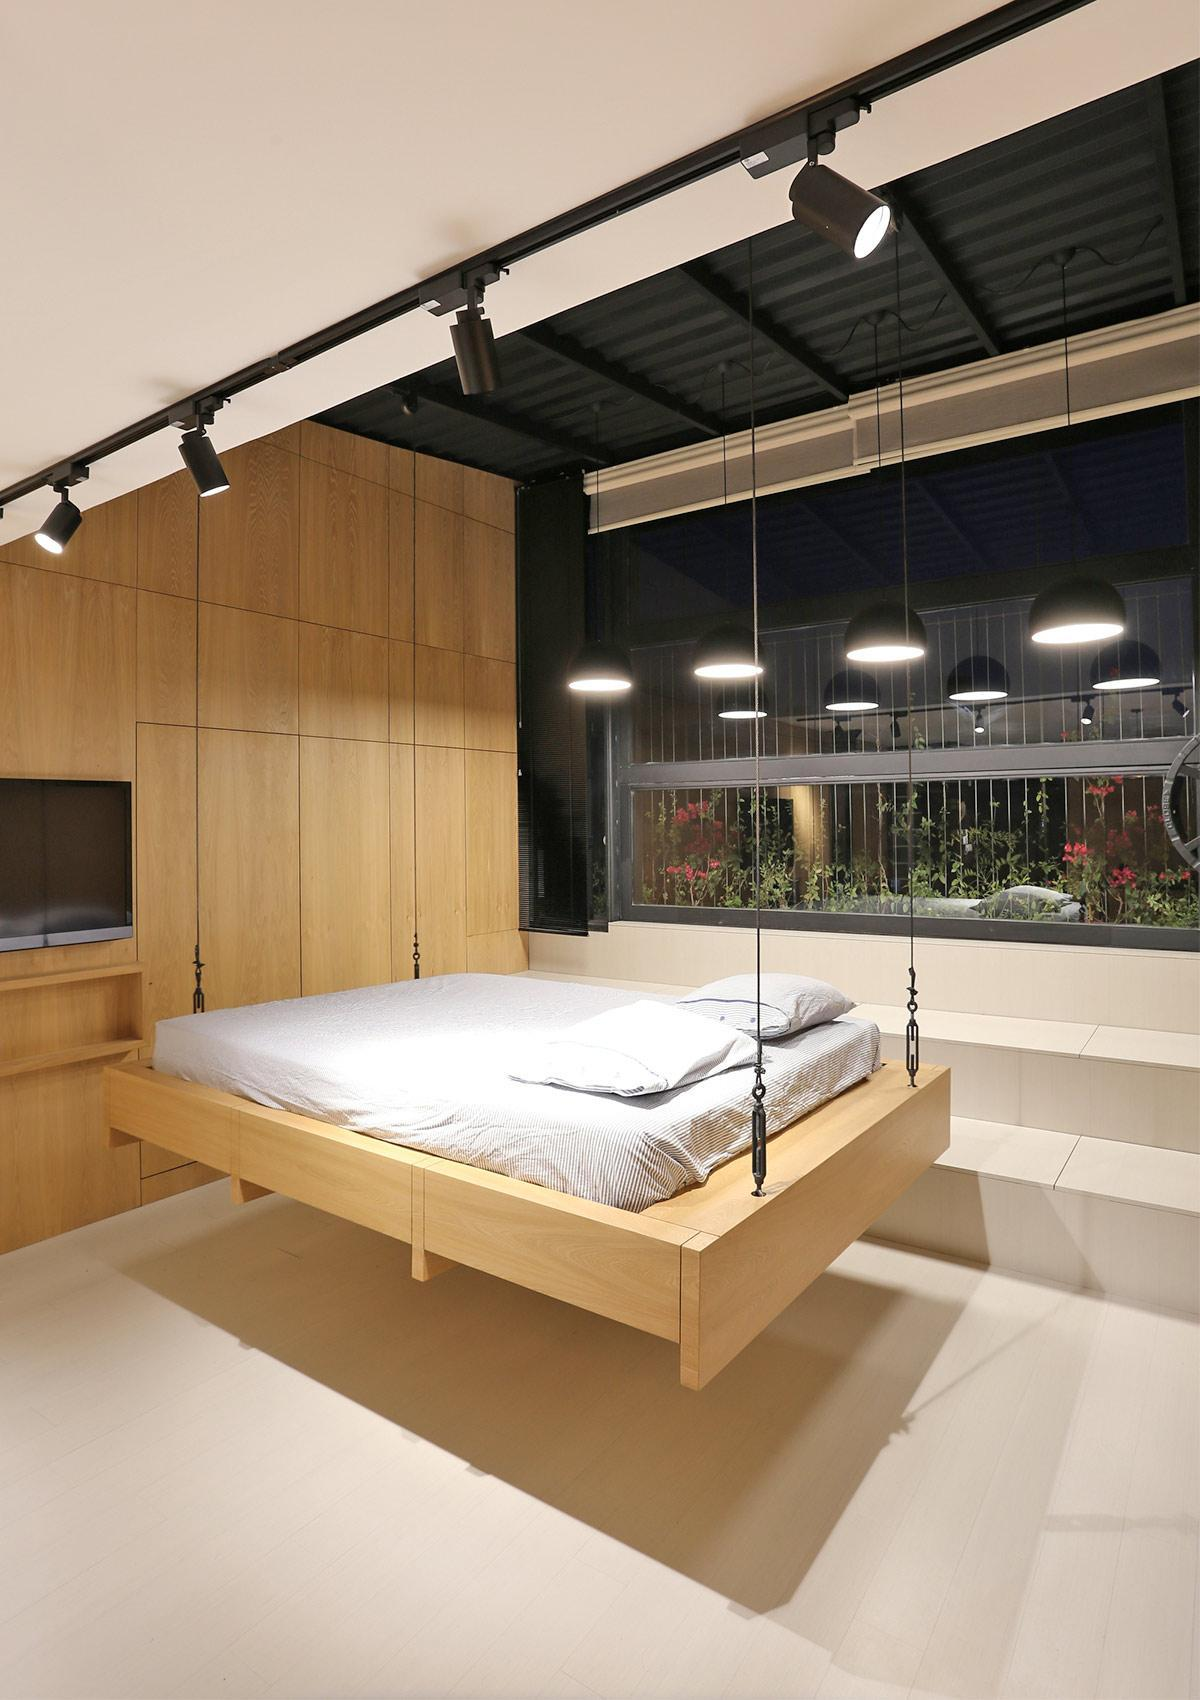 thiết kế giường treo cho phòng ngủ